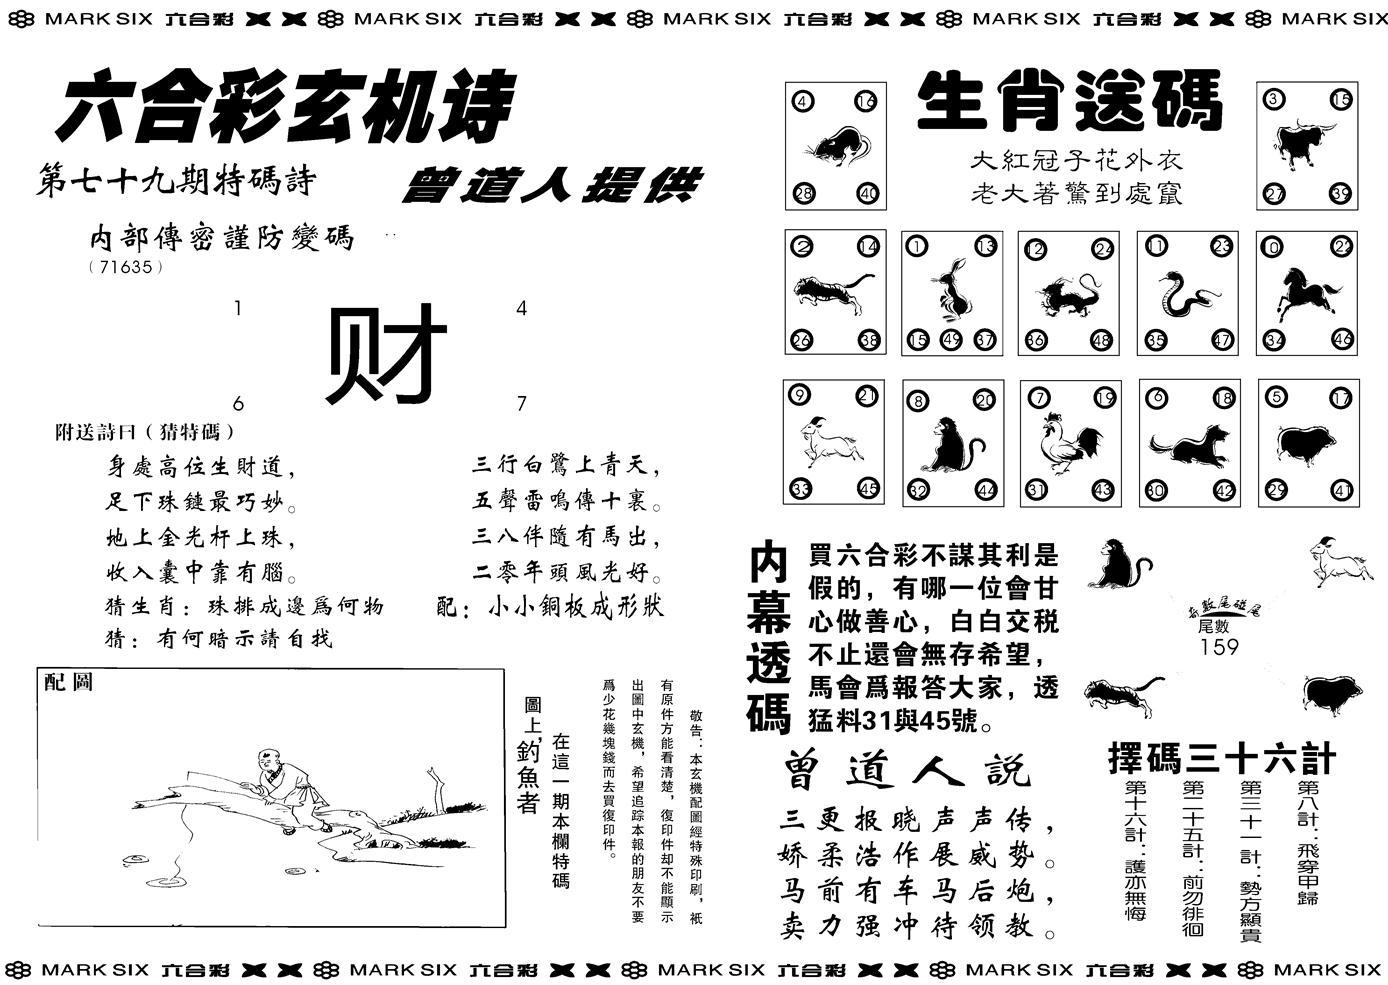 079期新内幕B(黑白)